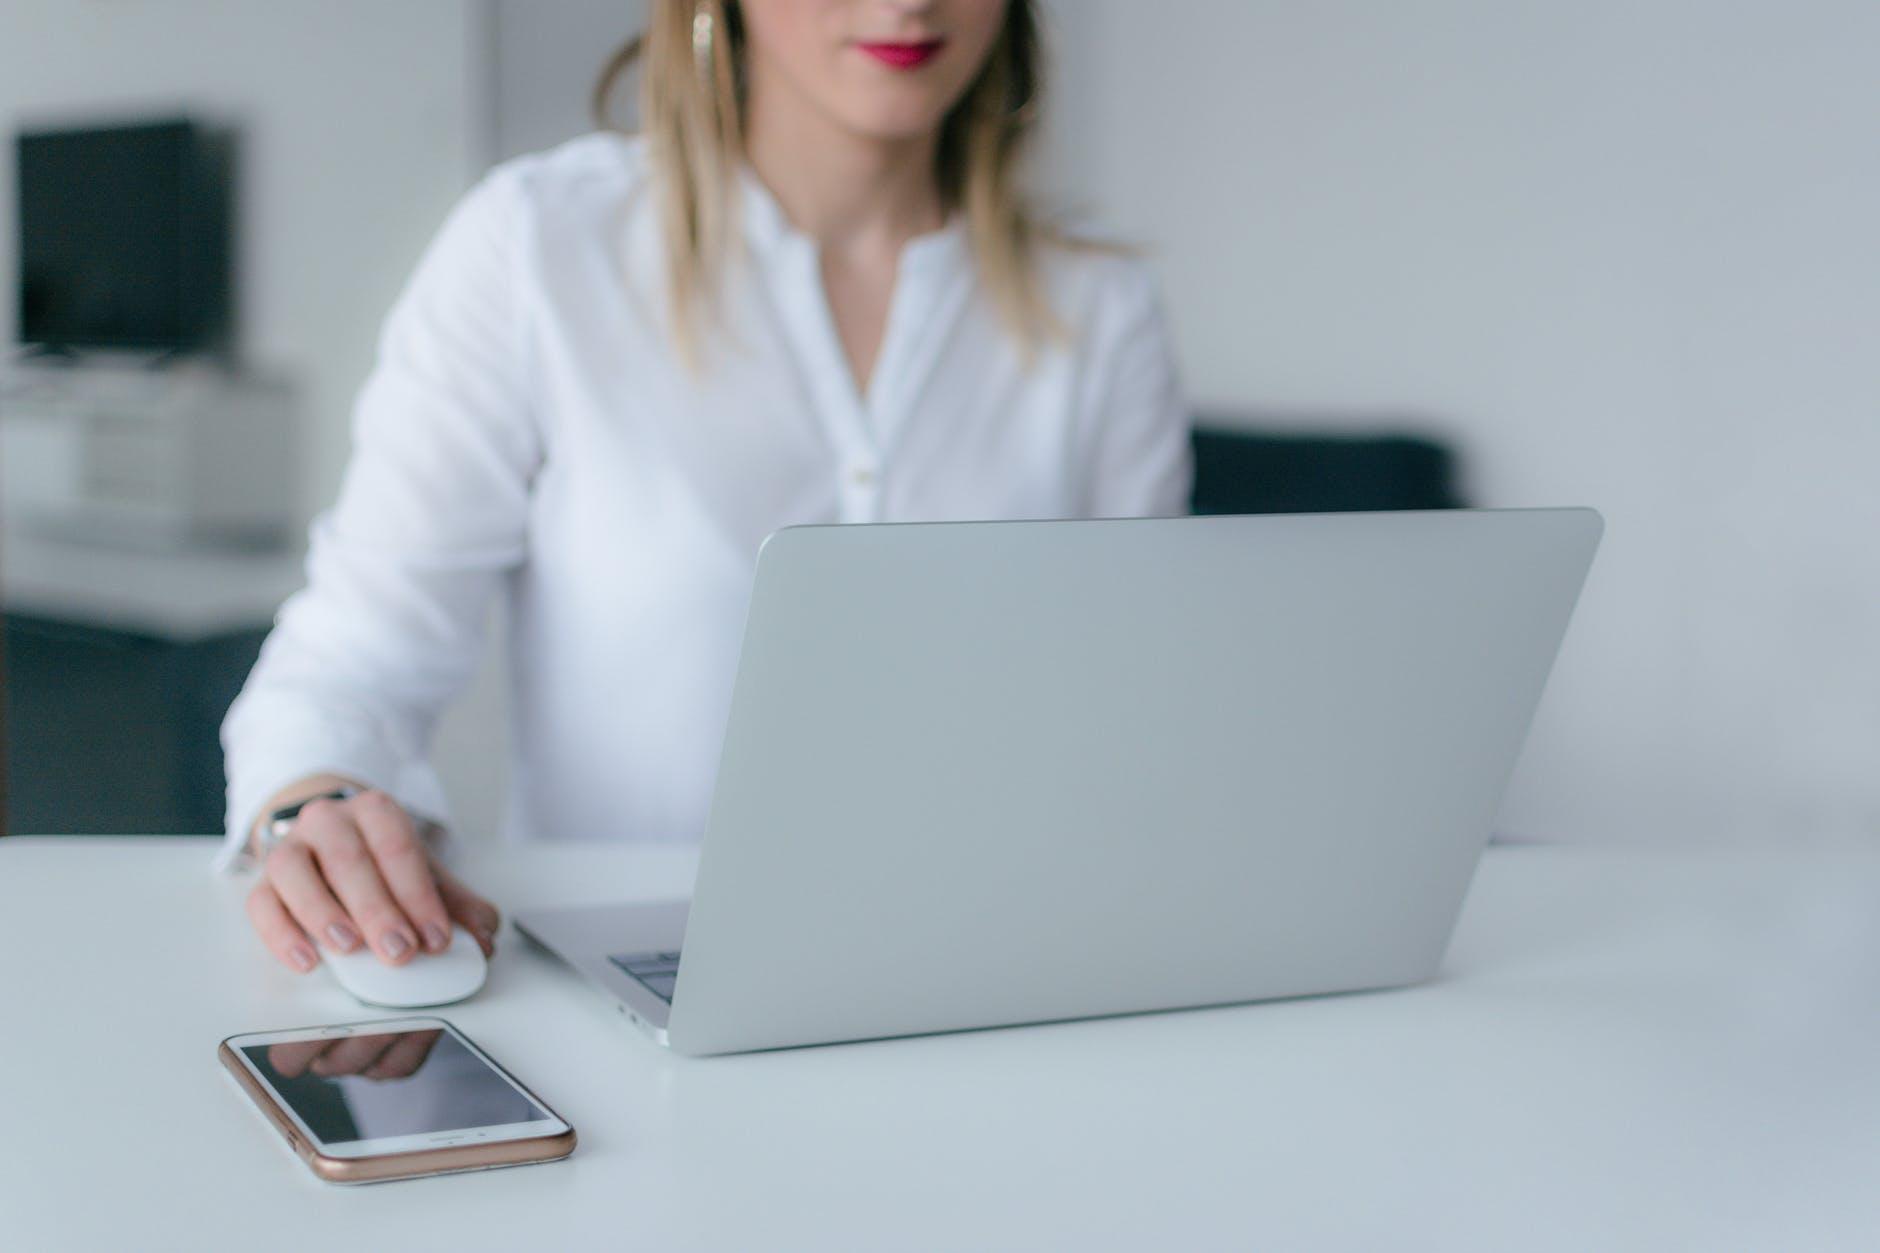 woman using silver laptop